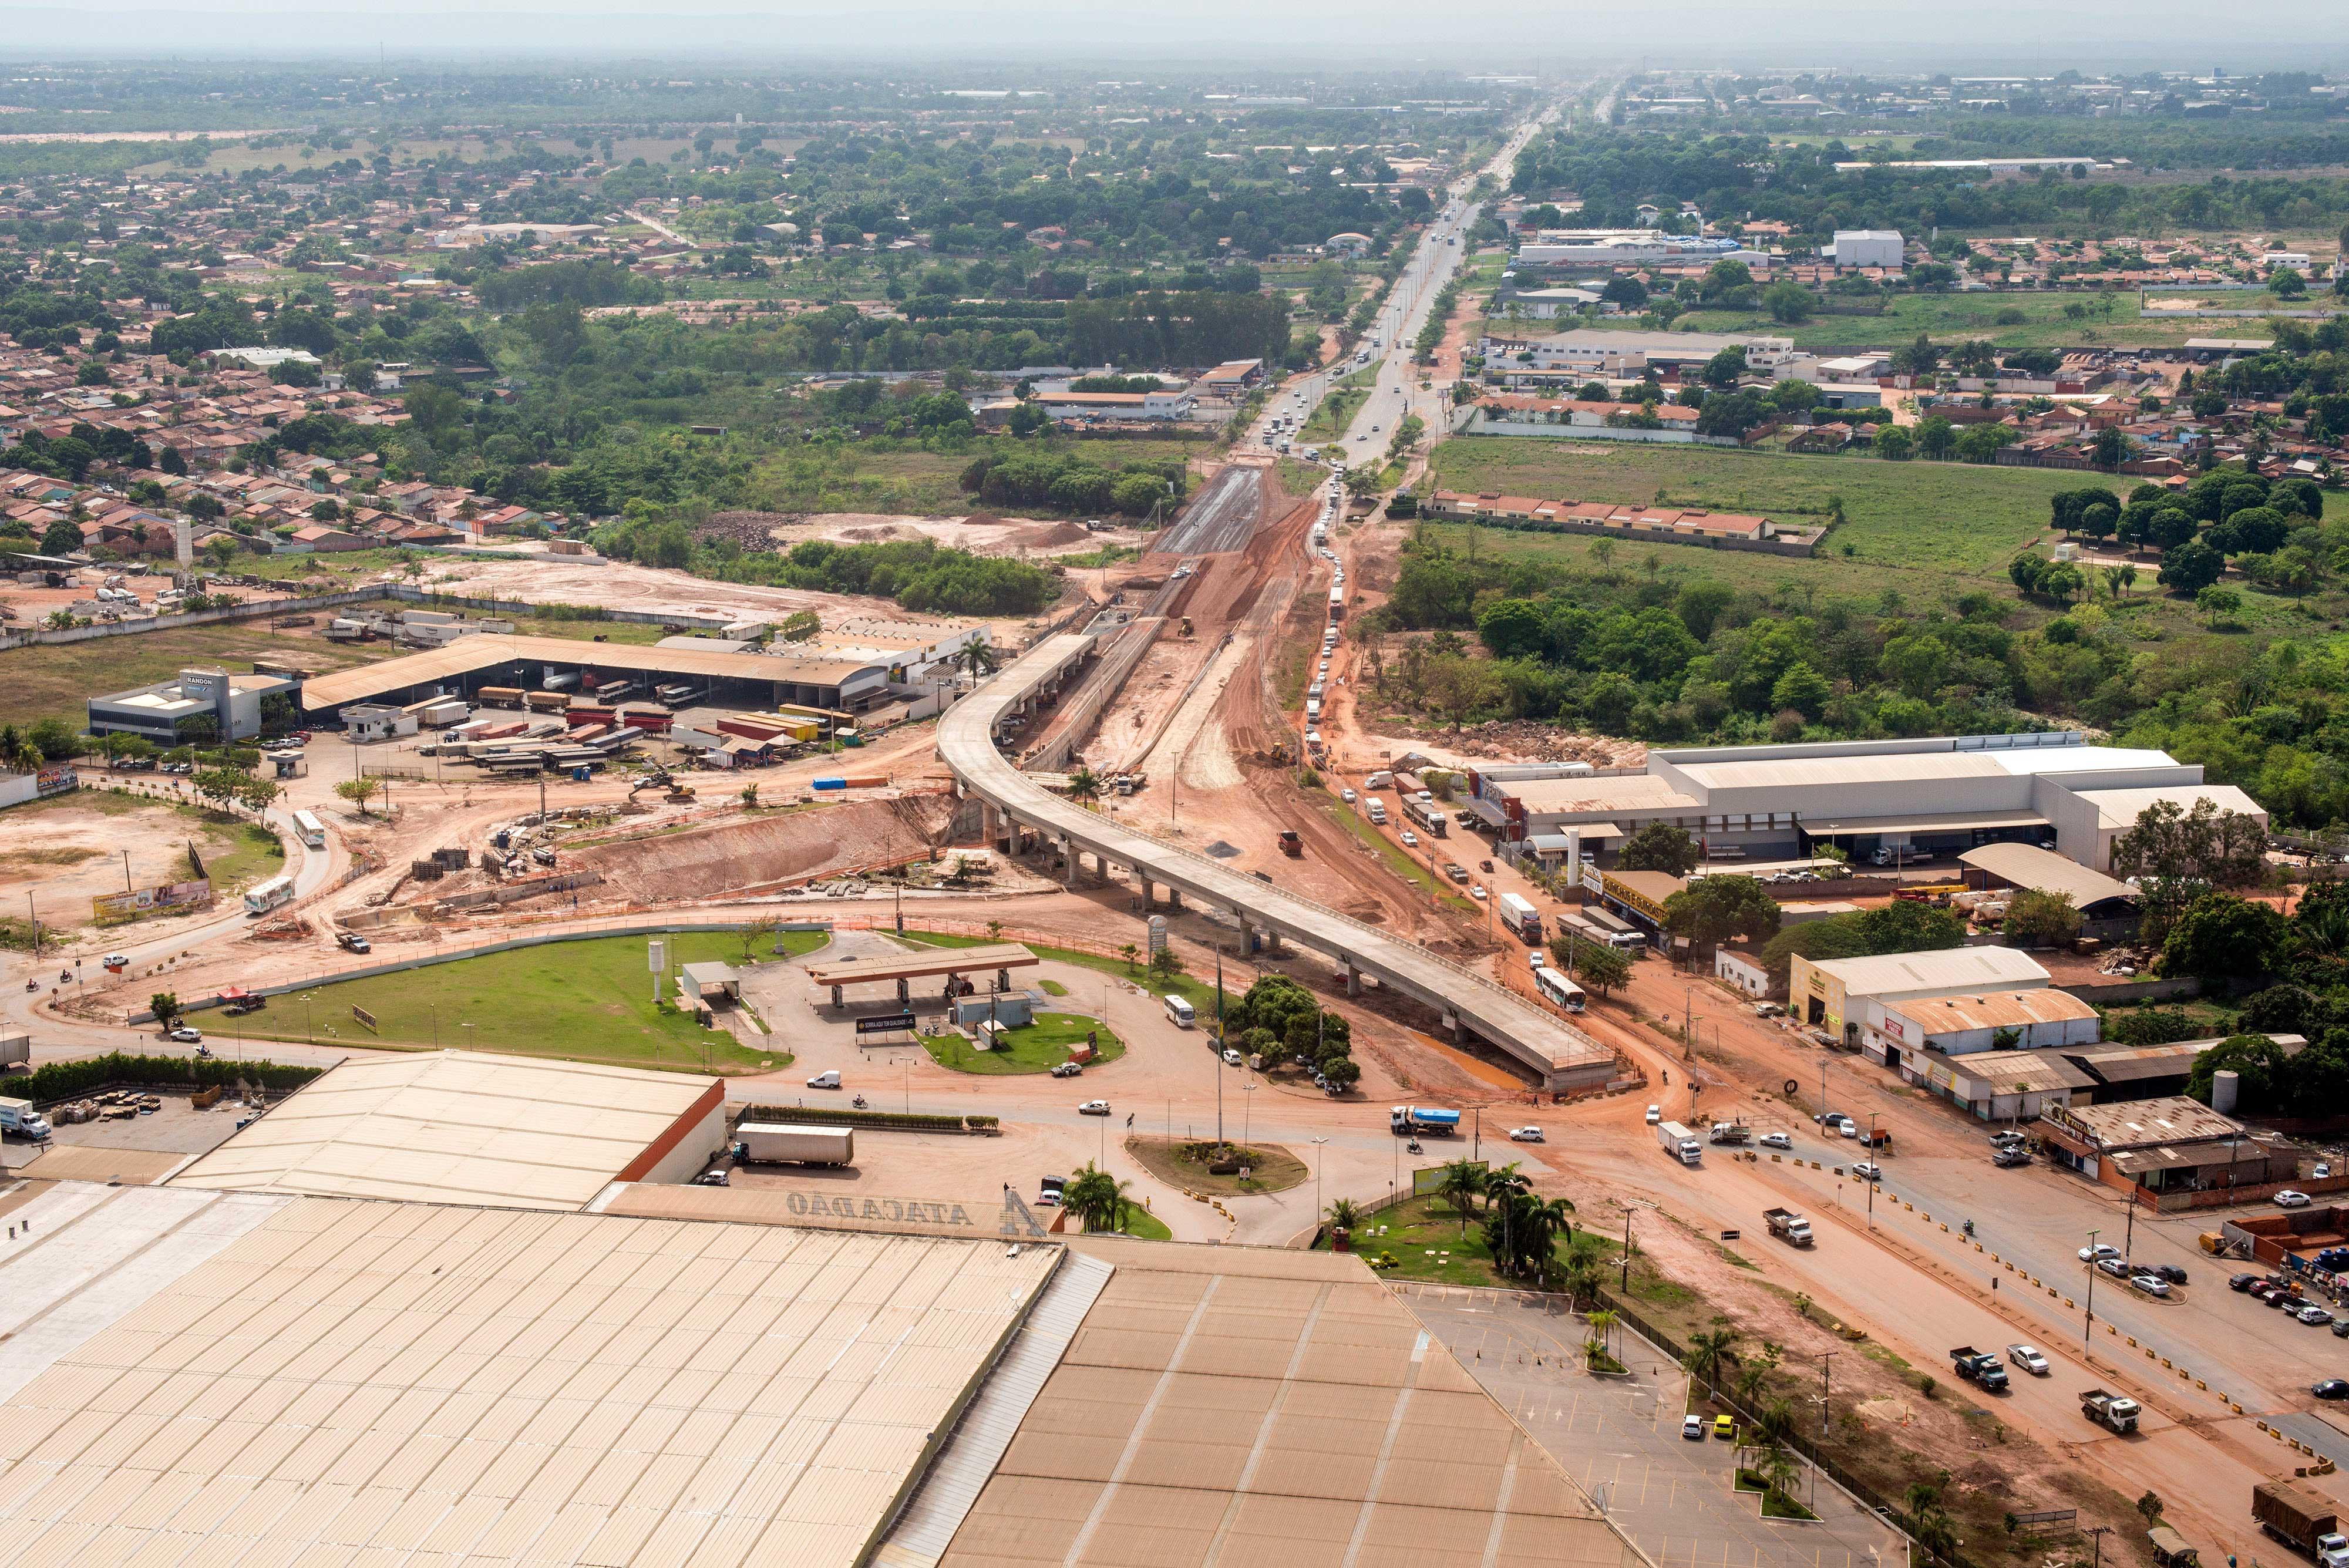 Corredor de BRT em Cuiabá: uma das várias obras que só deve ser inaugurada depois do mundial